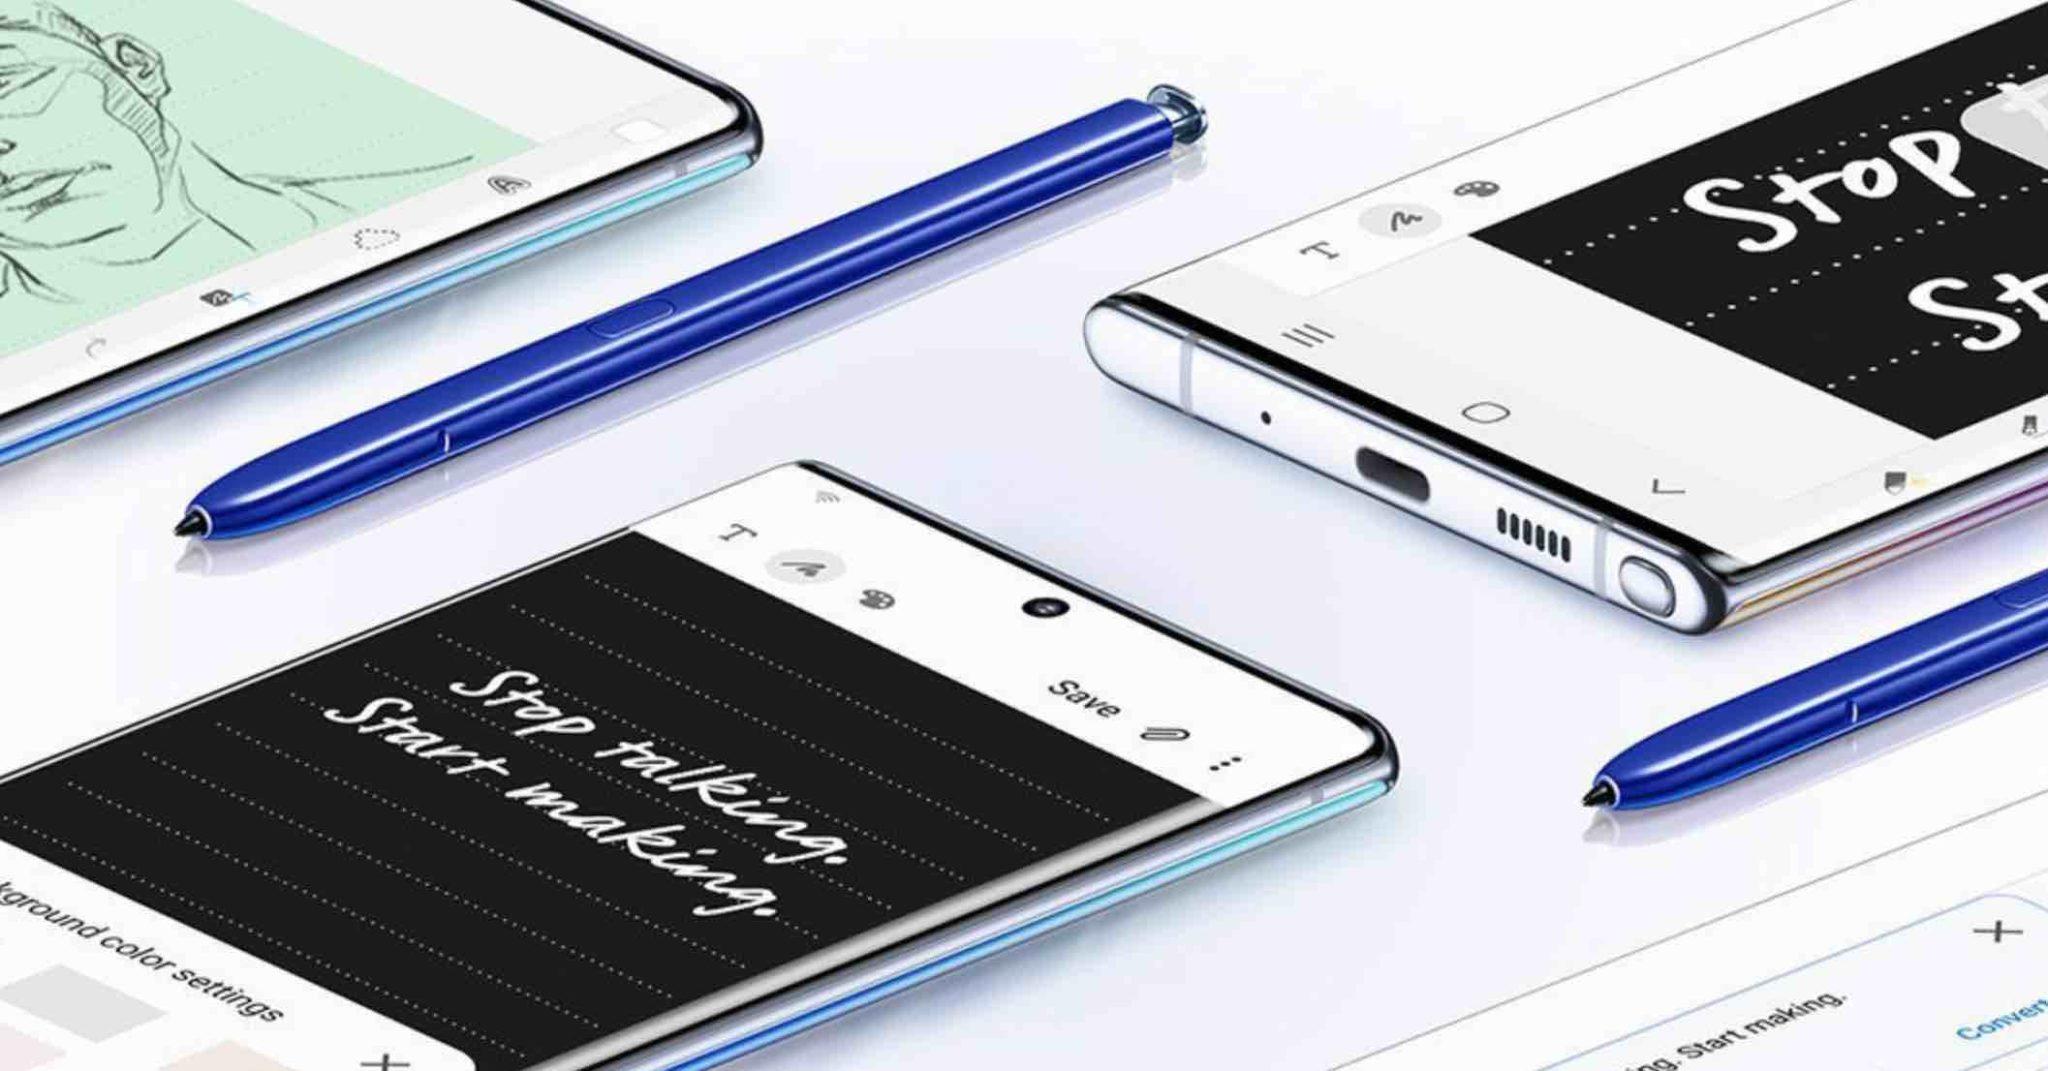 Co je pod kapotou Samsungu Galaxy Note10? Podívejte se na specifikaci